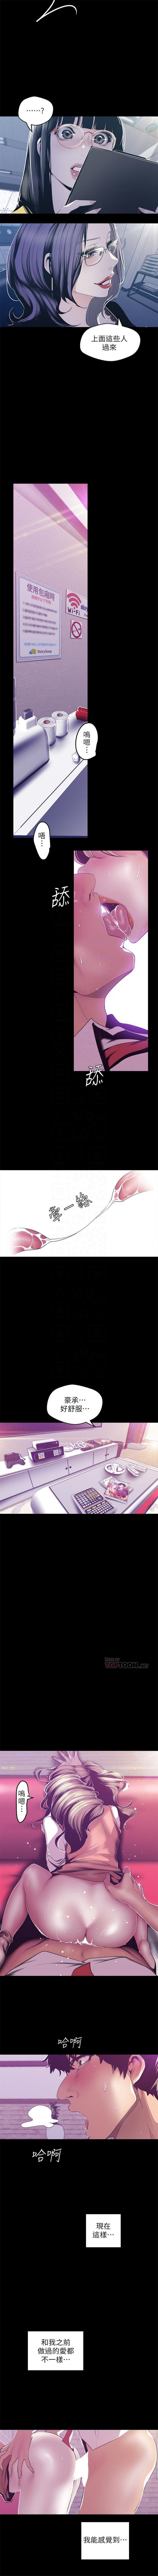 美麗新世界 1-85 官方中文(連載中) 615